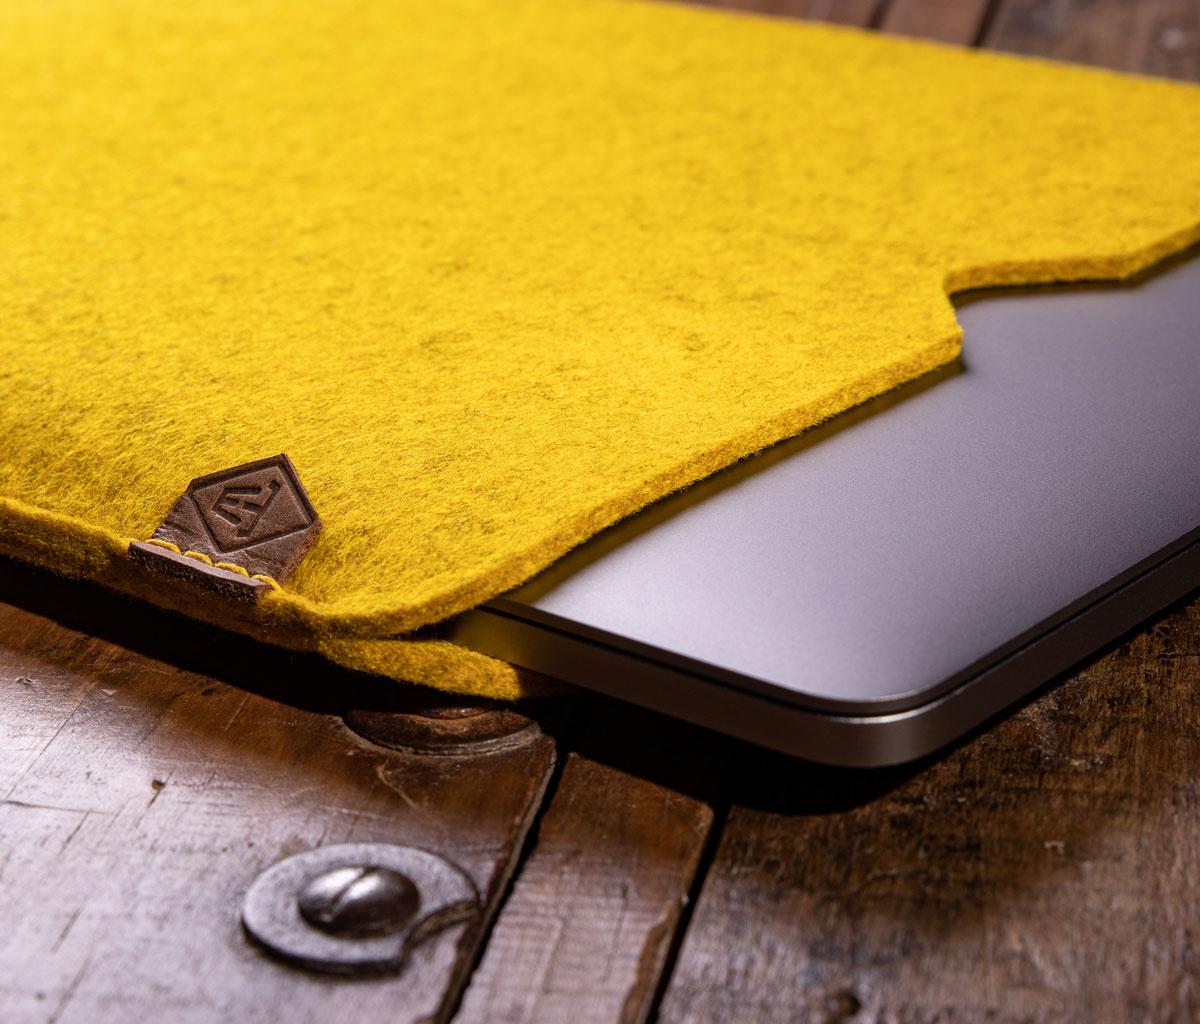 MacBook Pro / Air 13 16 Filzhülle, Hülle Filz SOFTWERK passend gefertigt für MacBook